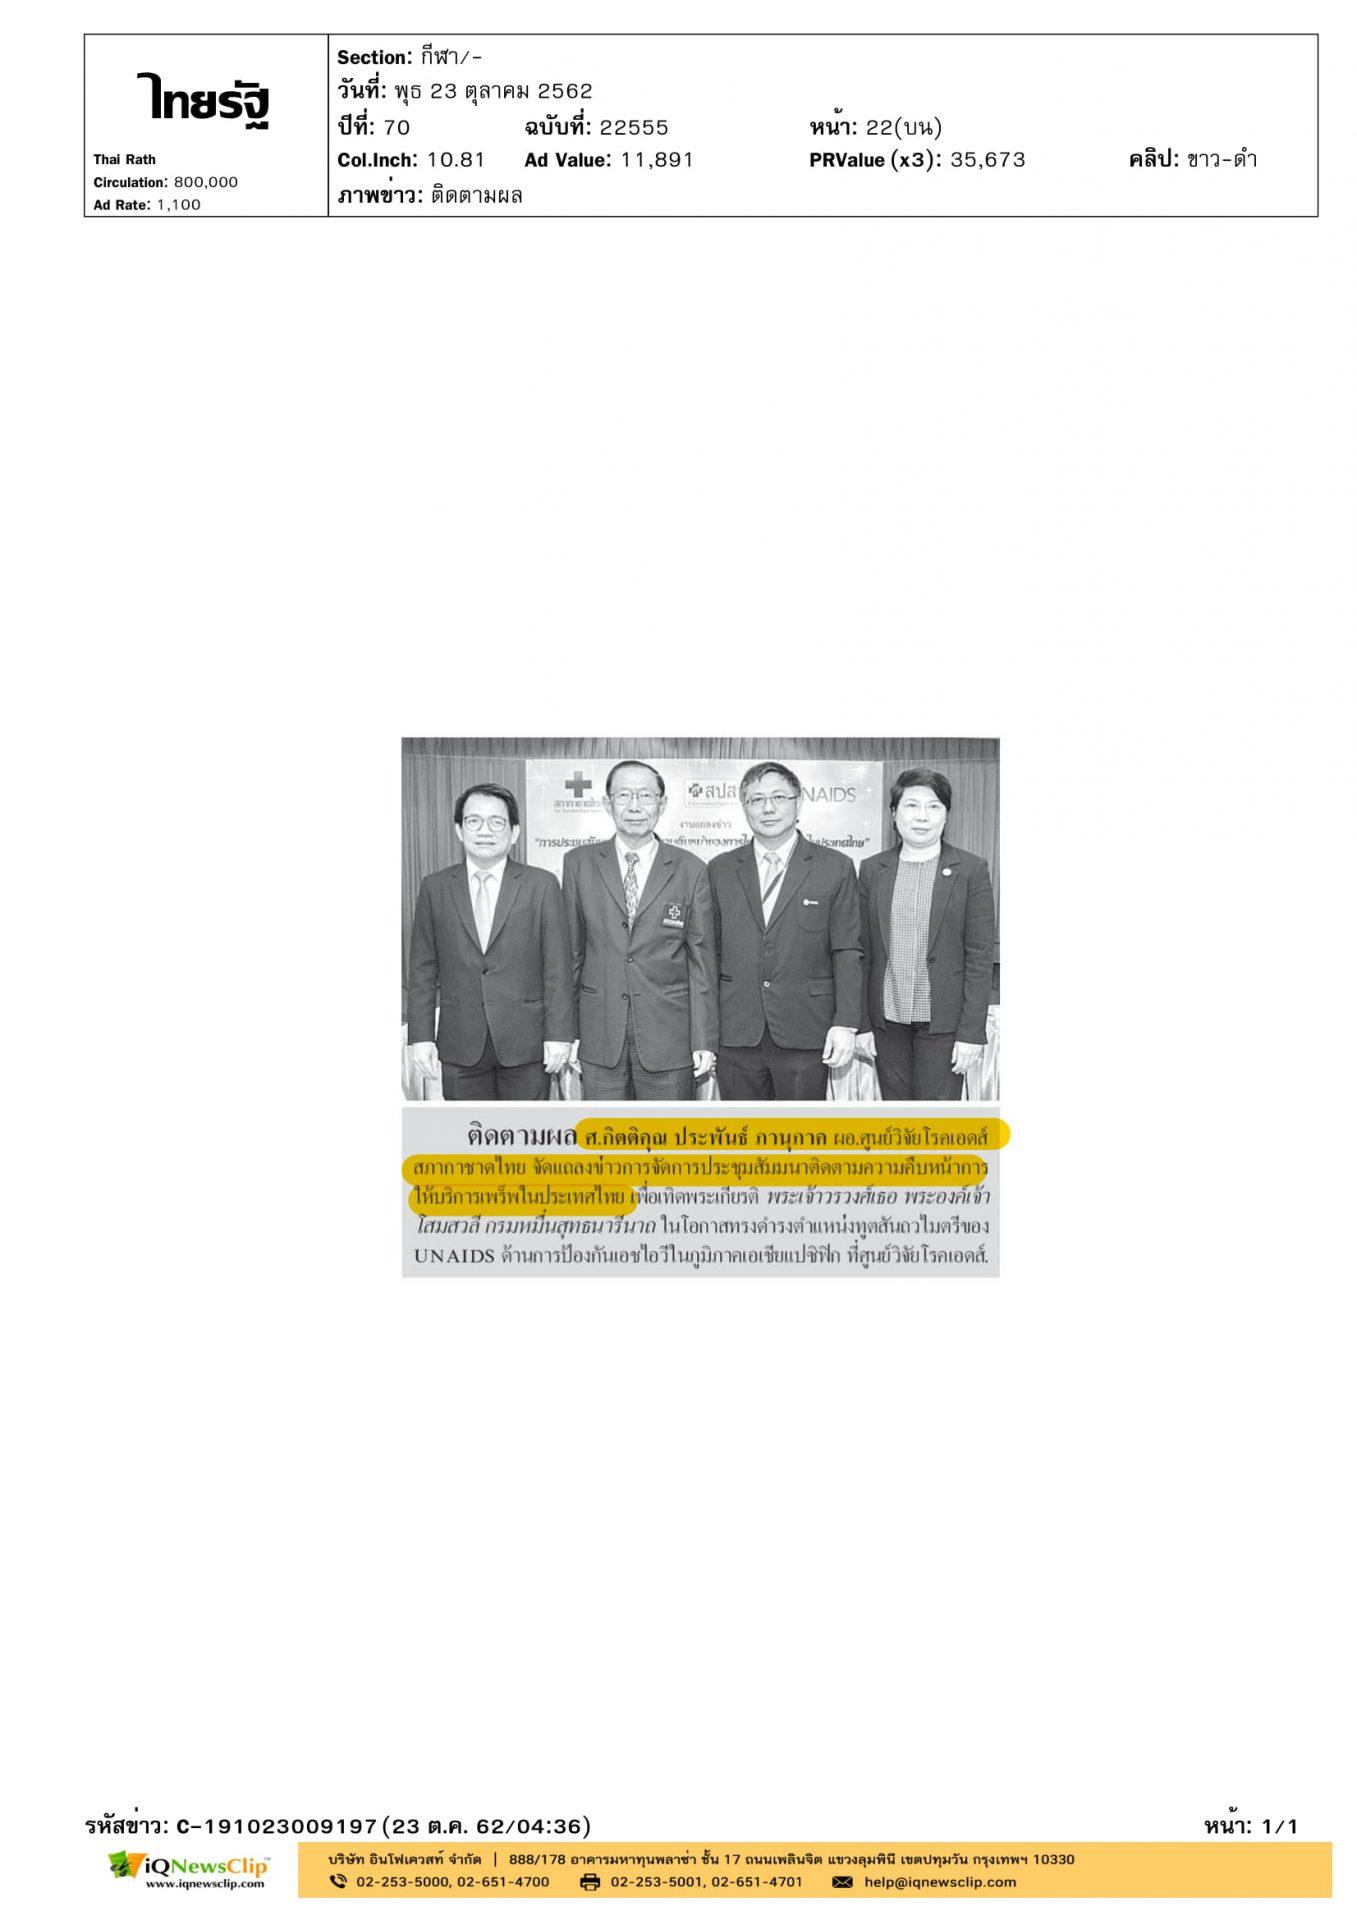 ศูนย์วิจัยโรคเอดส์ แถลงข่าวการจัดประชุมสัมมนาติดตามความคืบหน้าการให้บริการเพร็พในประเทศไทย